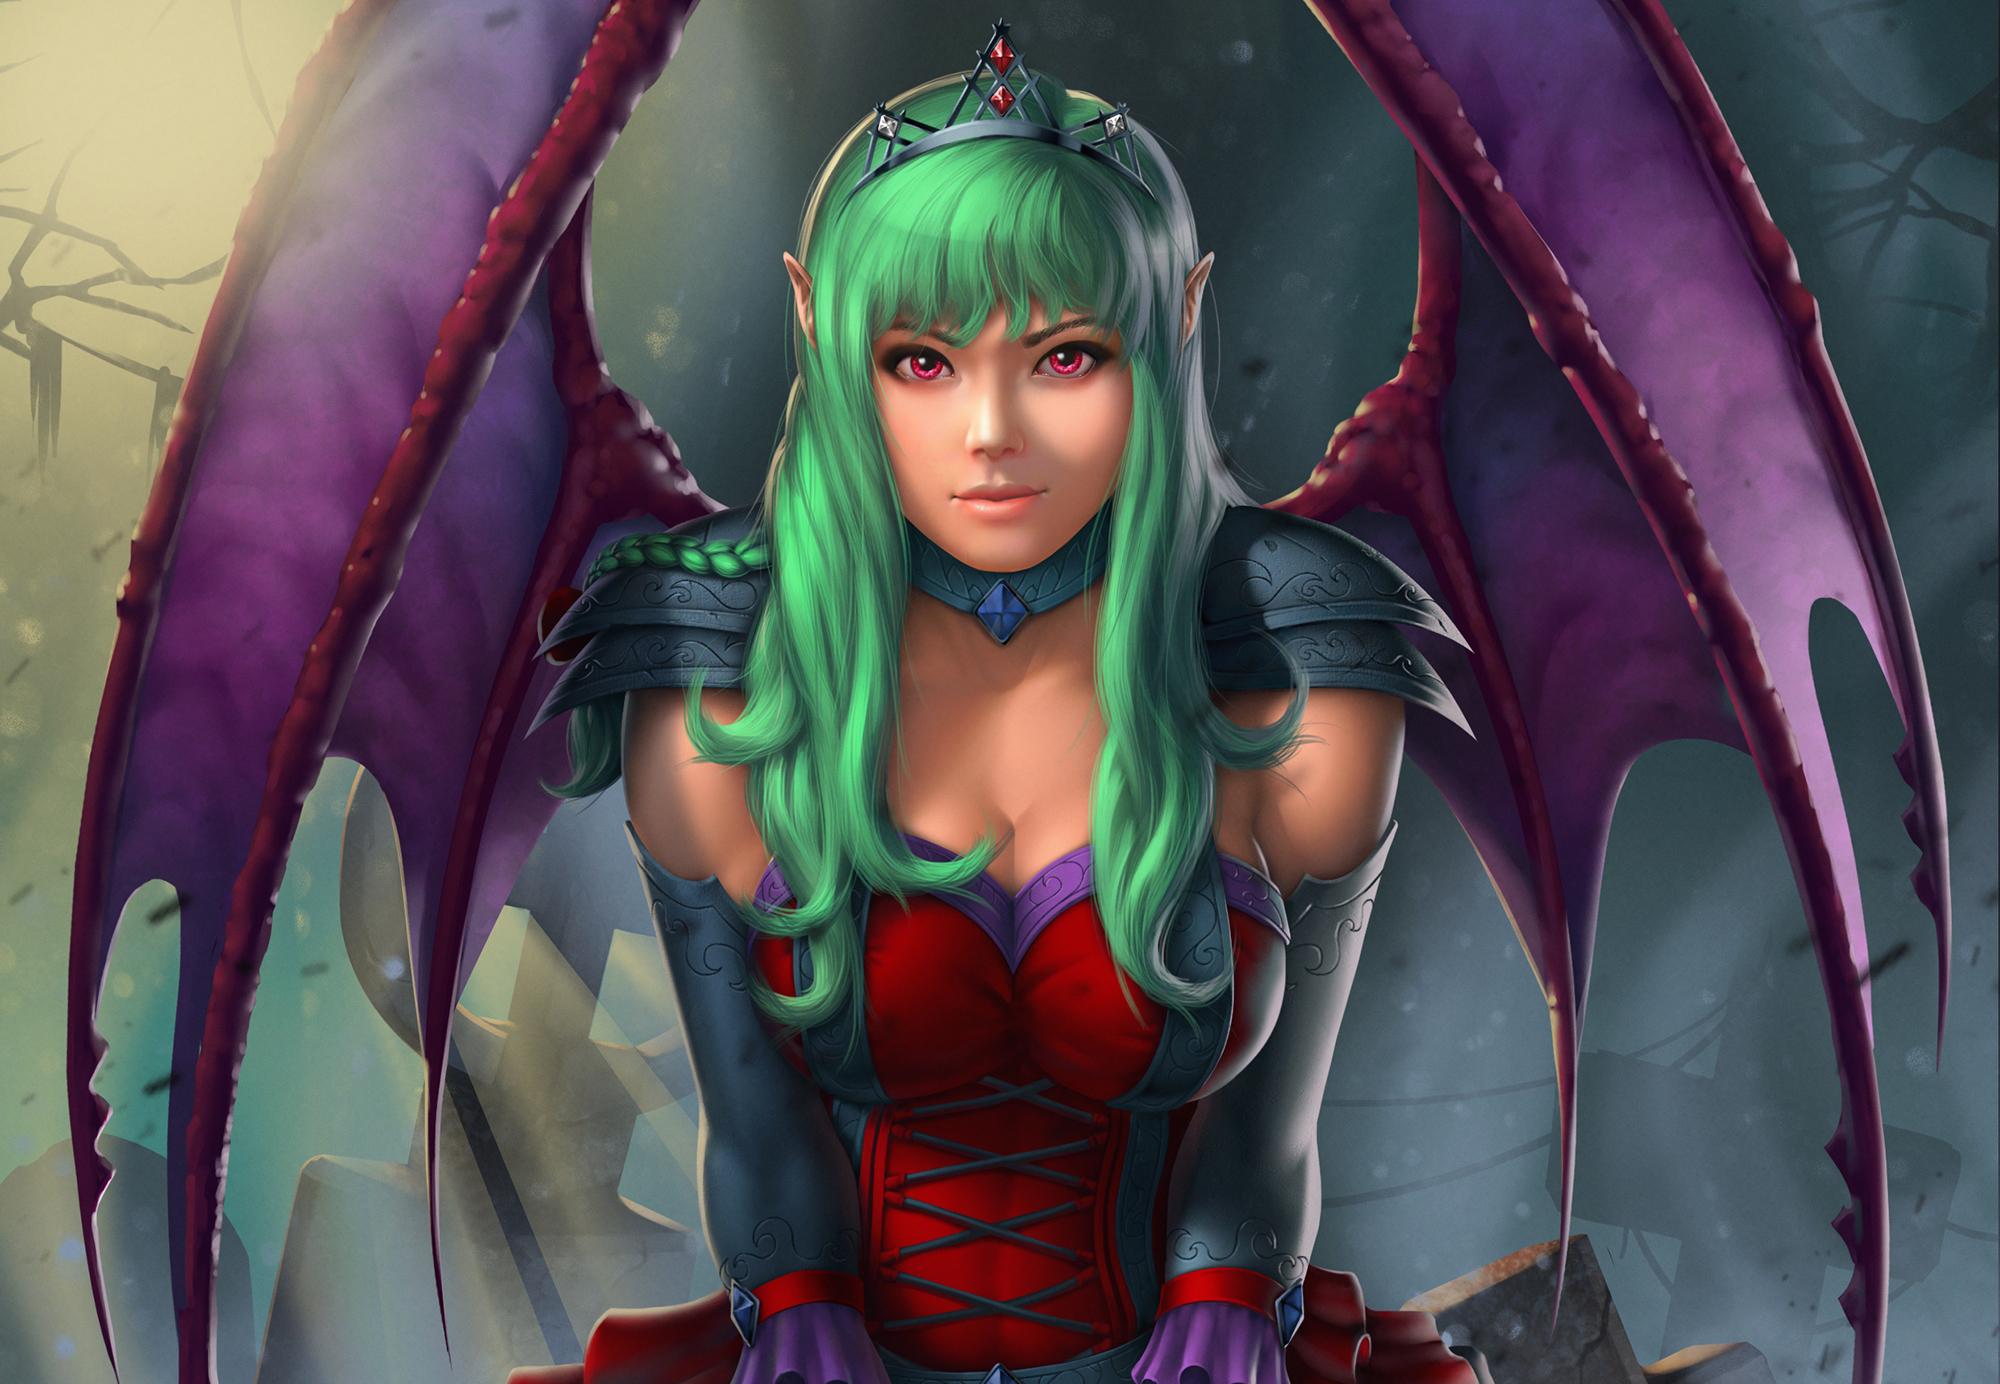 Fantasy demon girl hd artist 4k wallpapers images - Demon wallpaper 4k ...